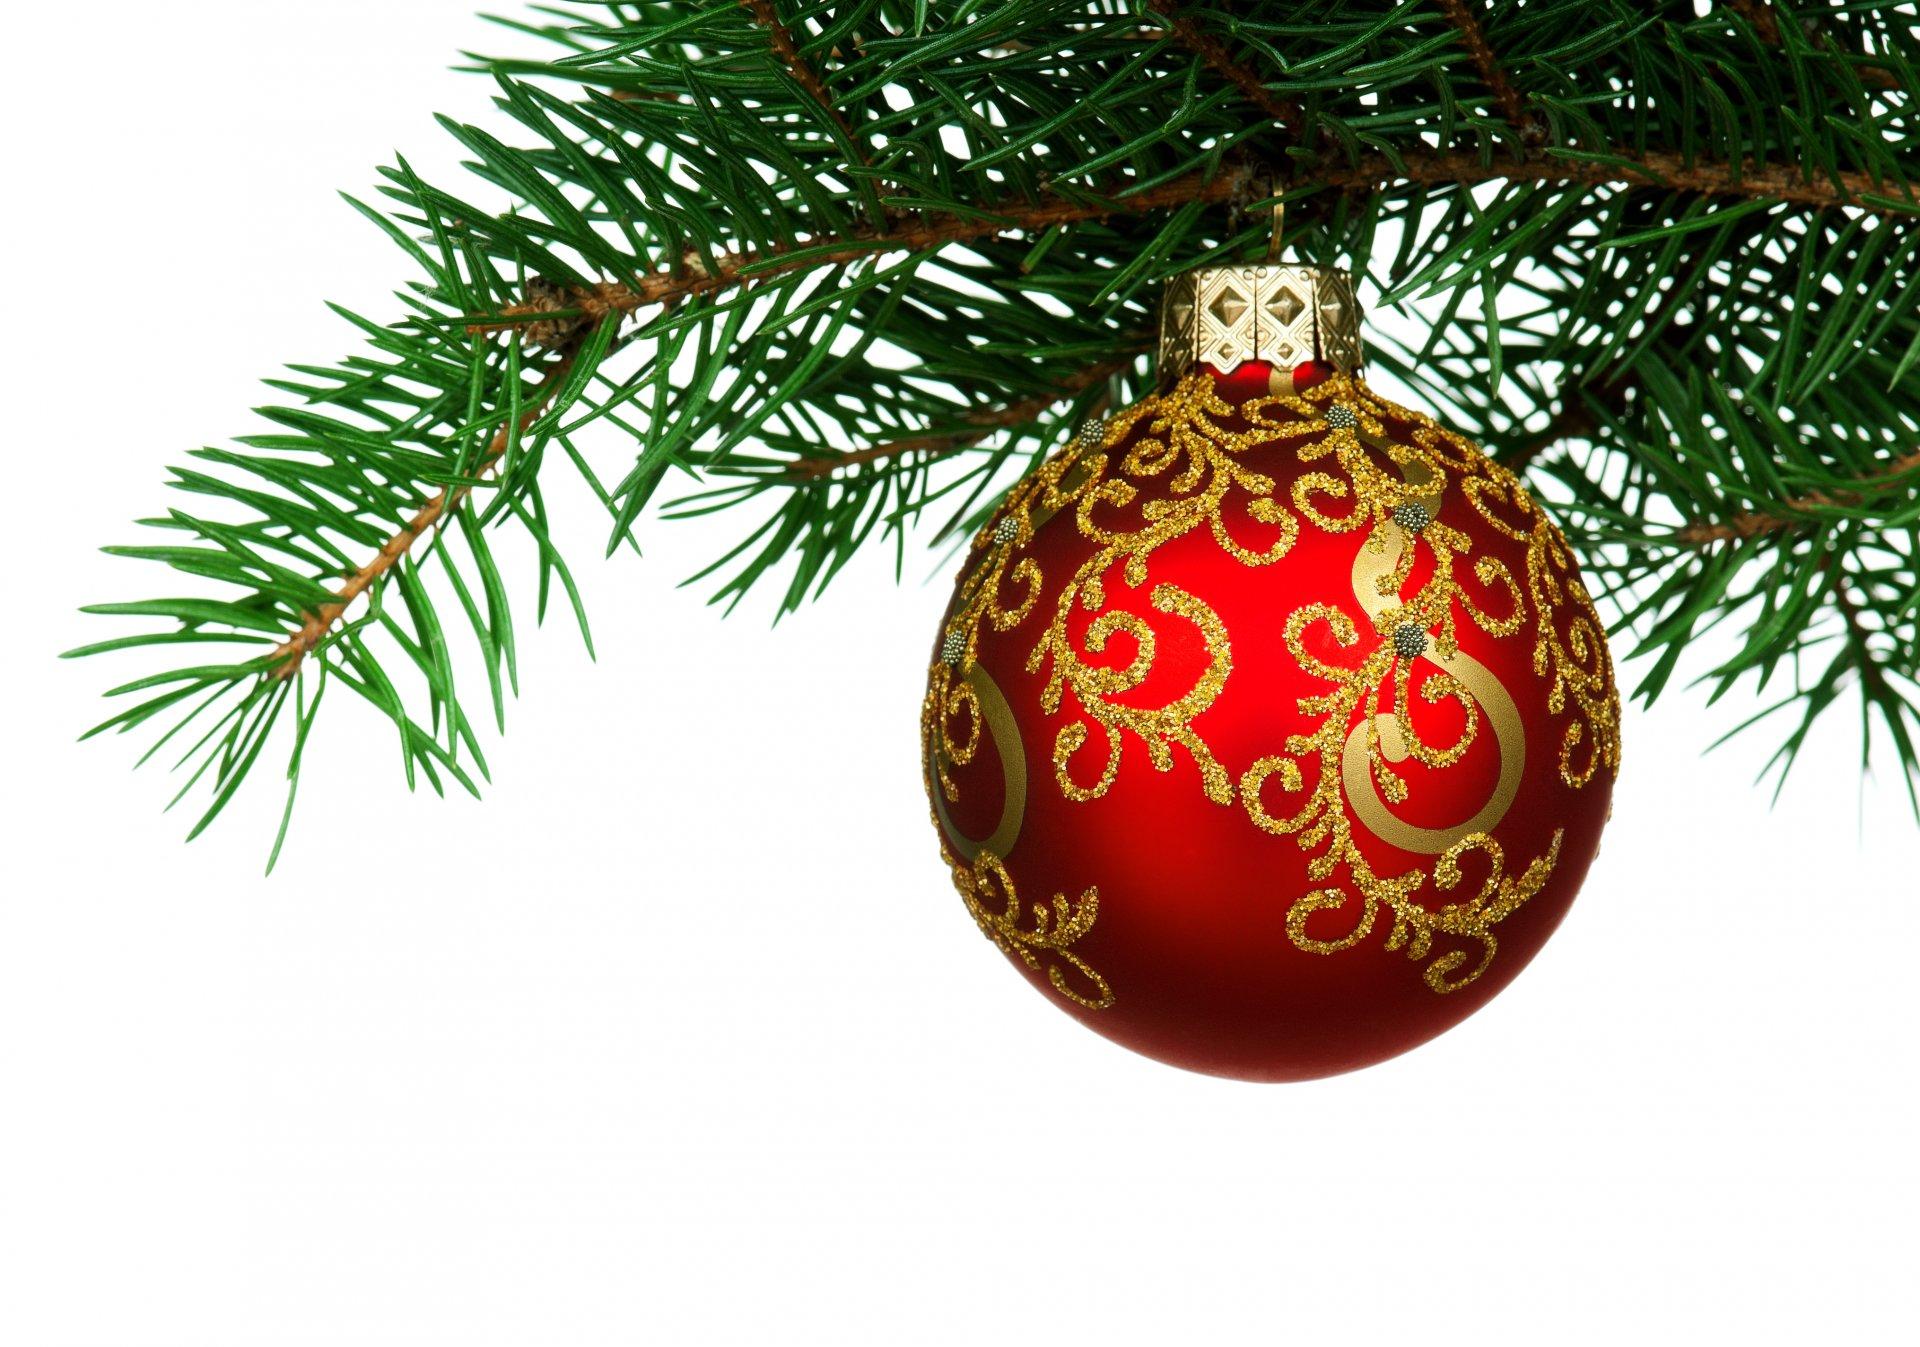 Зеленая новогодняя елка обои для рабочего стола картинки